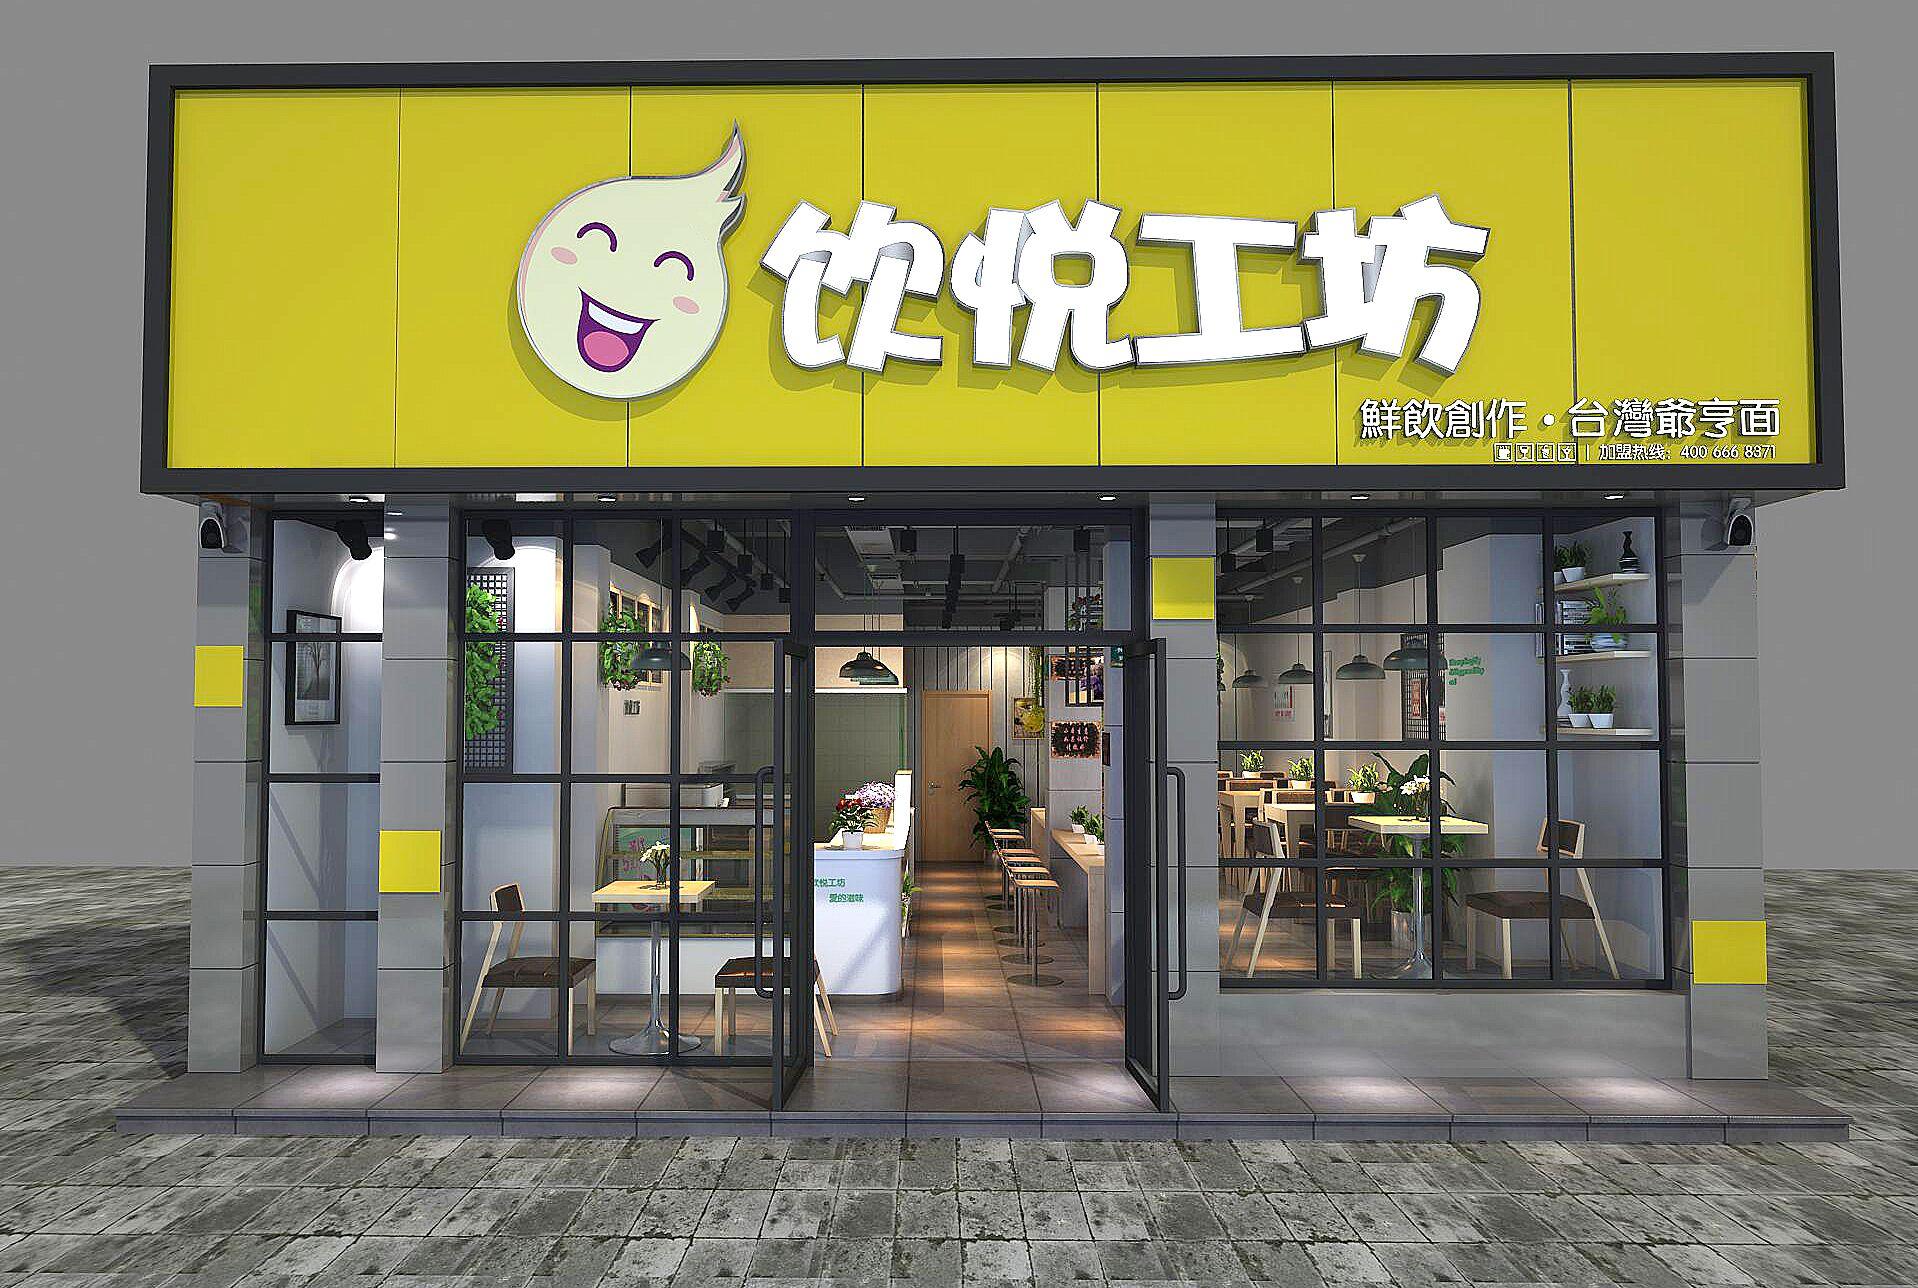 饮悦工坊全国饮品店招商加盟